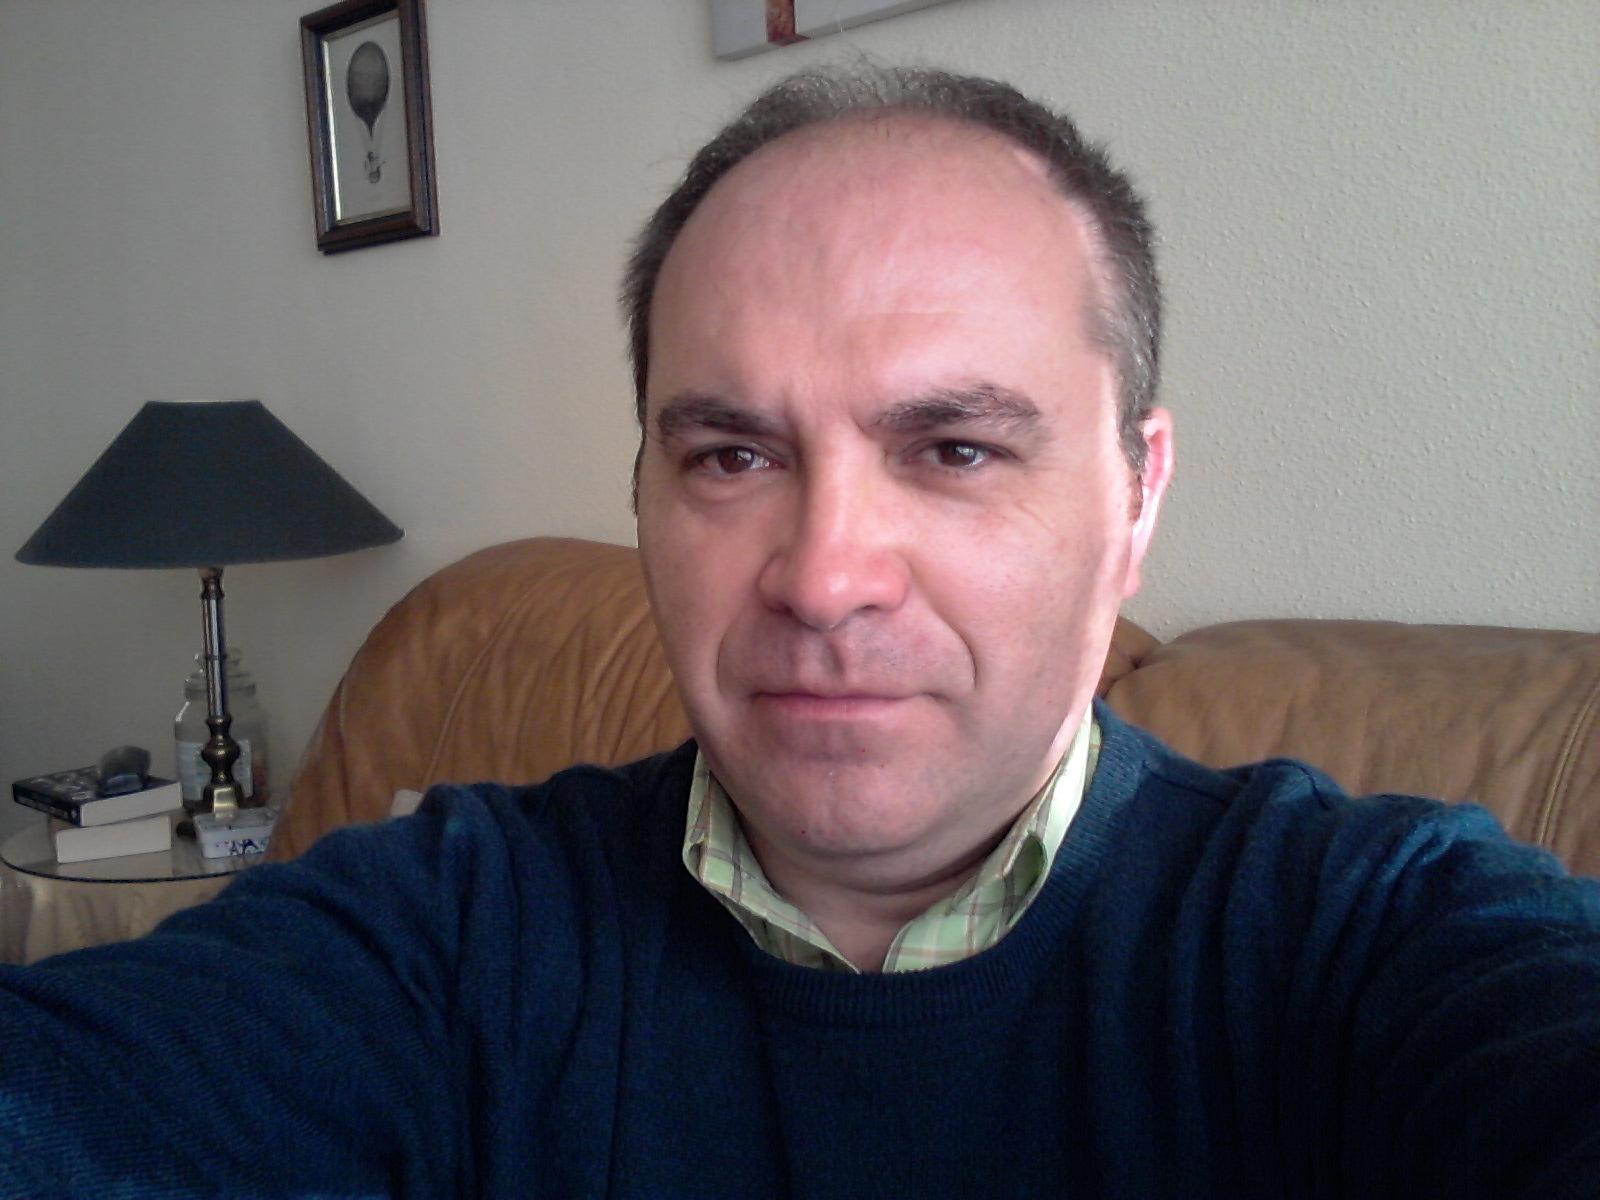 Santiago M  Cuadrado Rodríguez